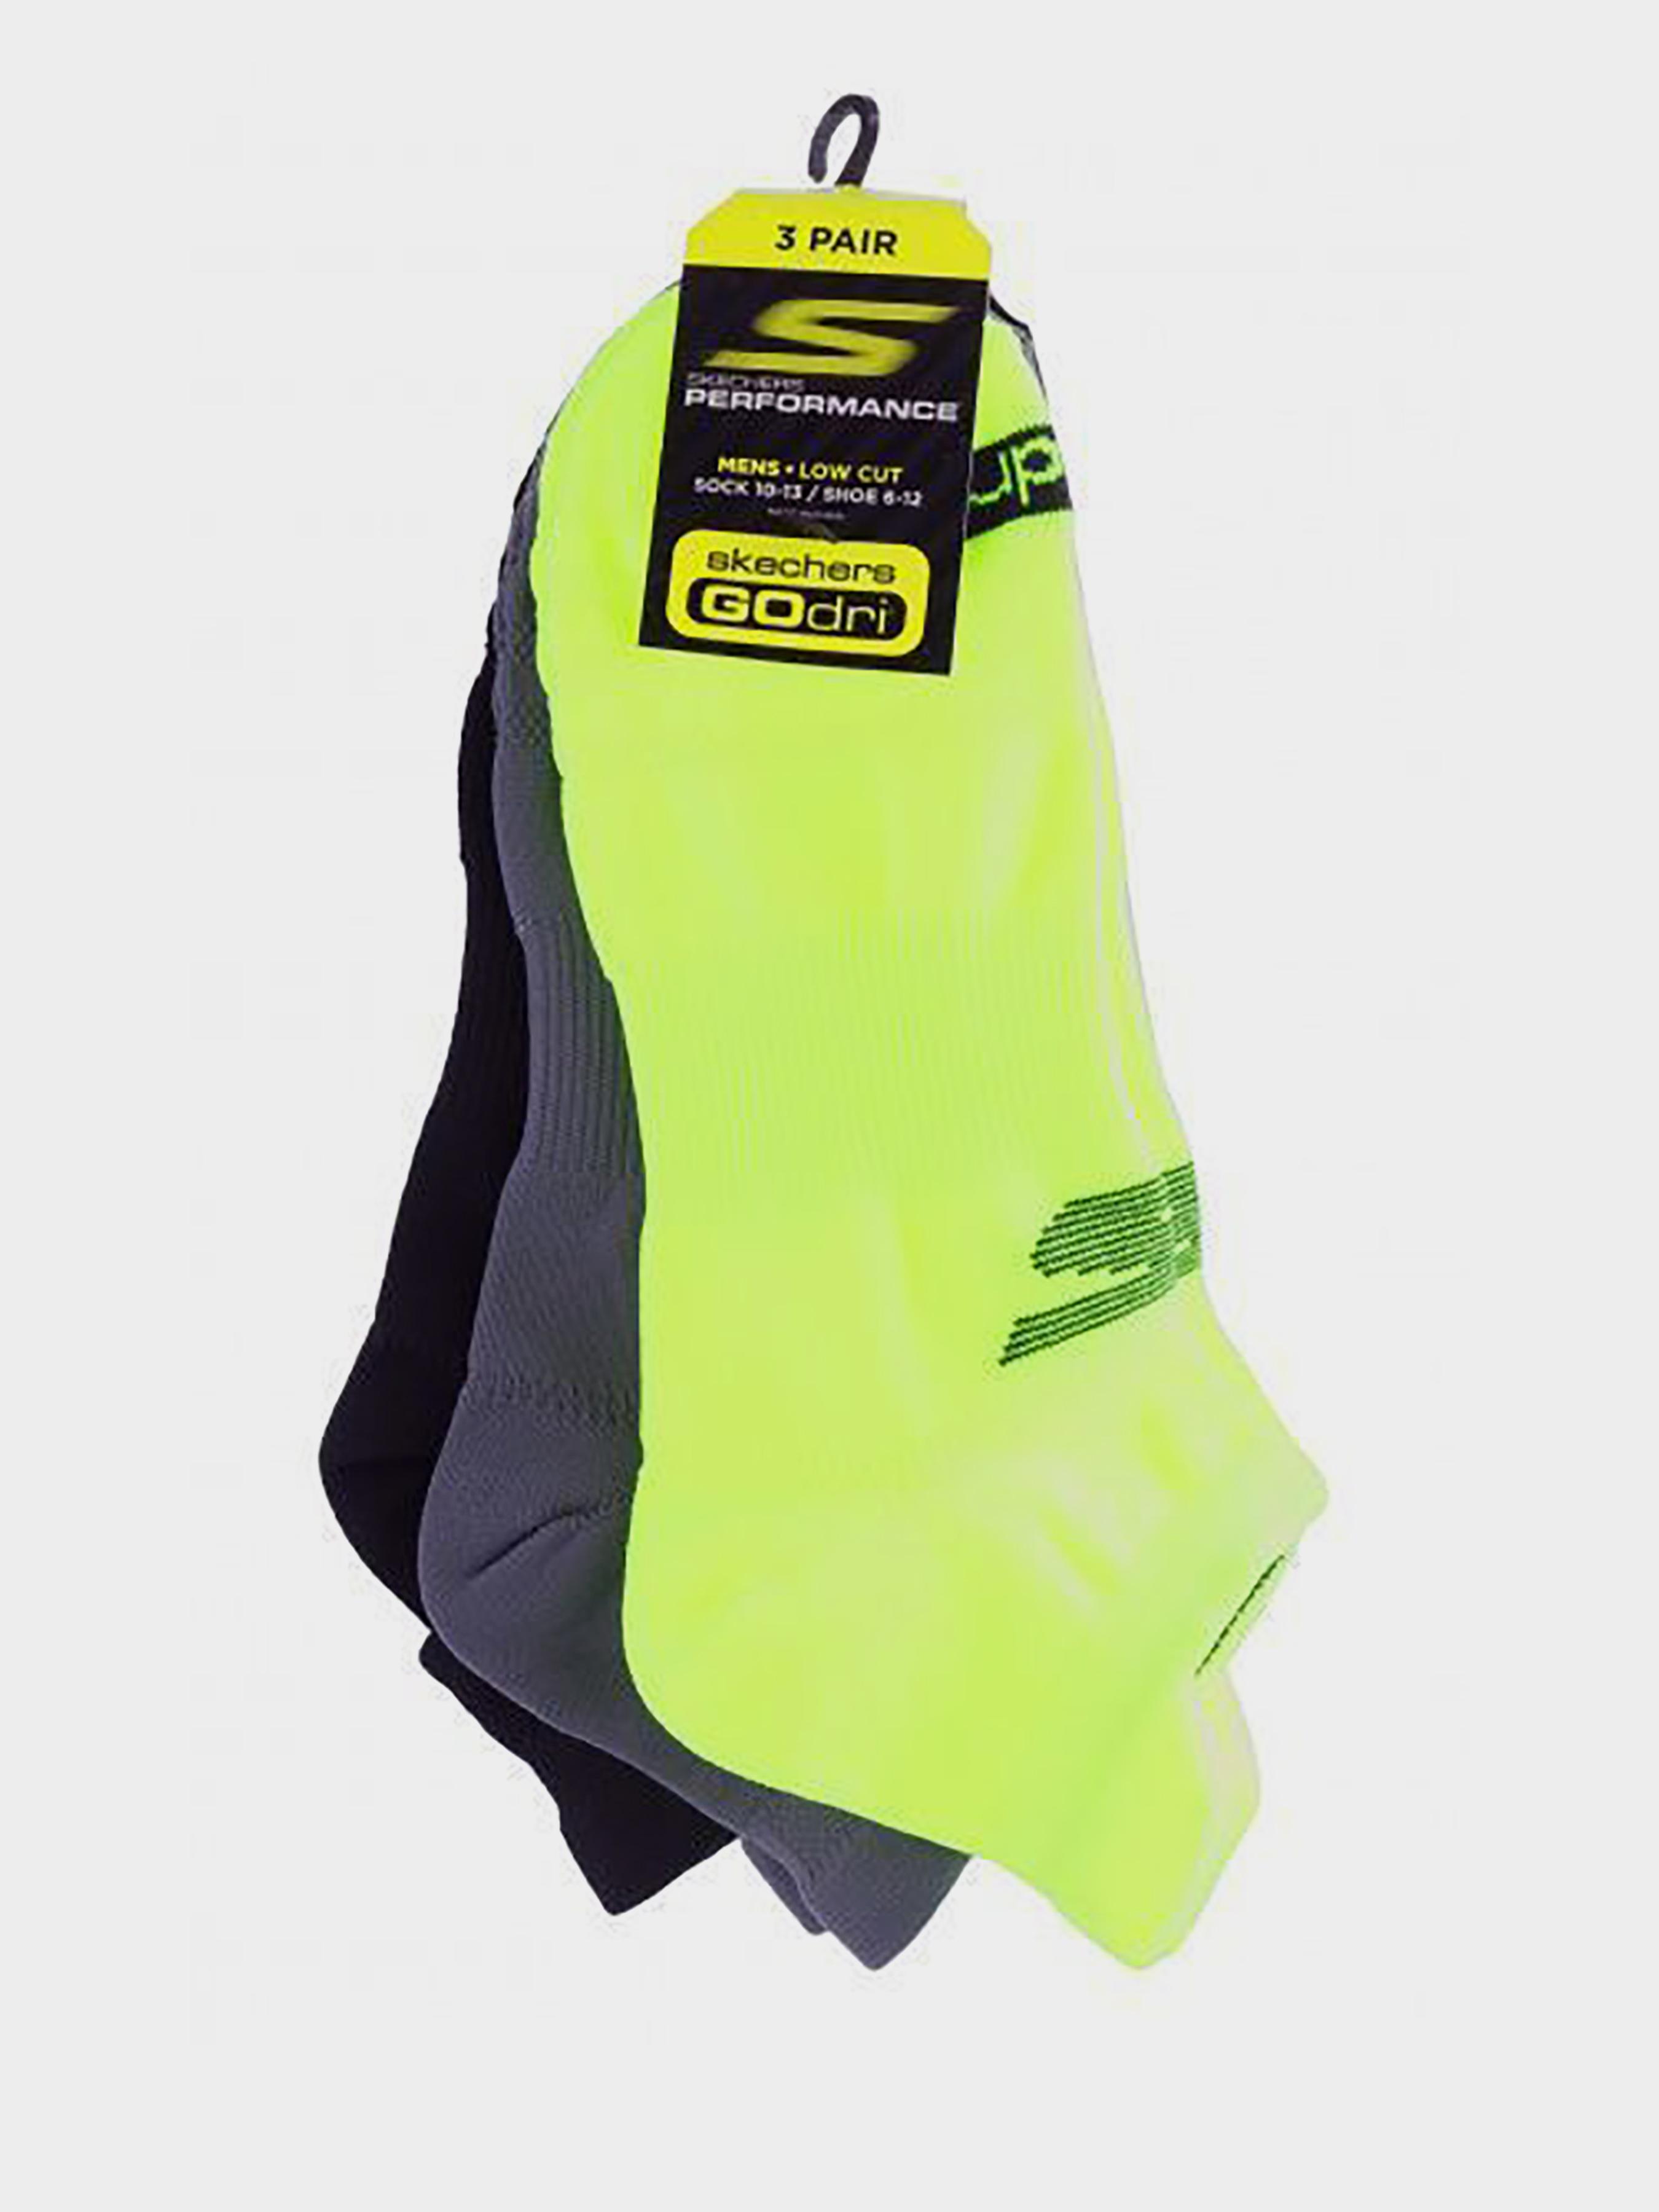 Купить Носки мужские модель 9C126, Skechers, Желтый